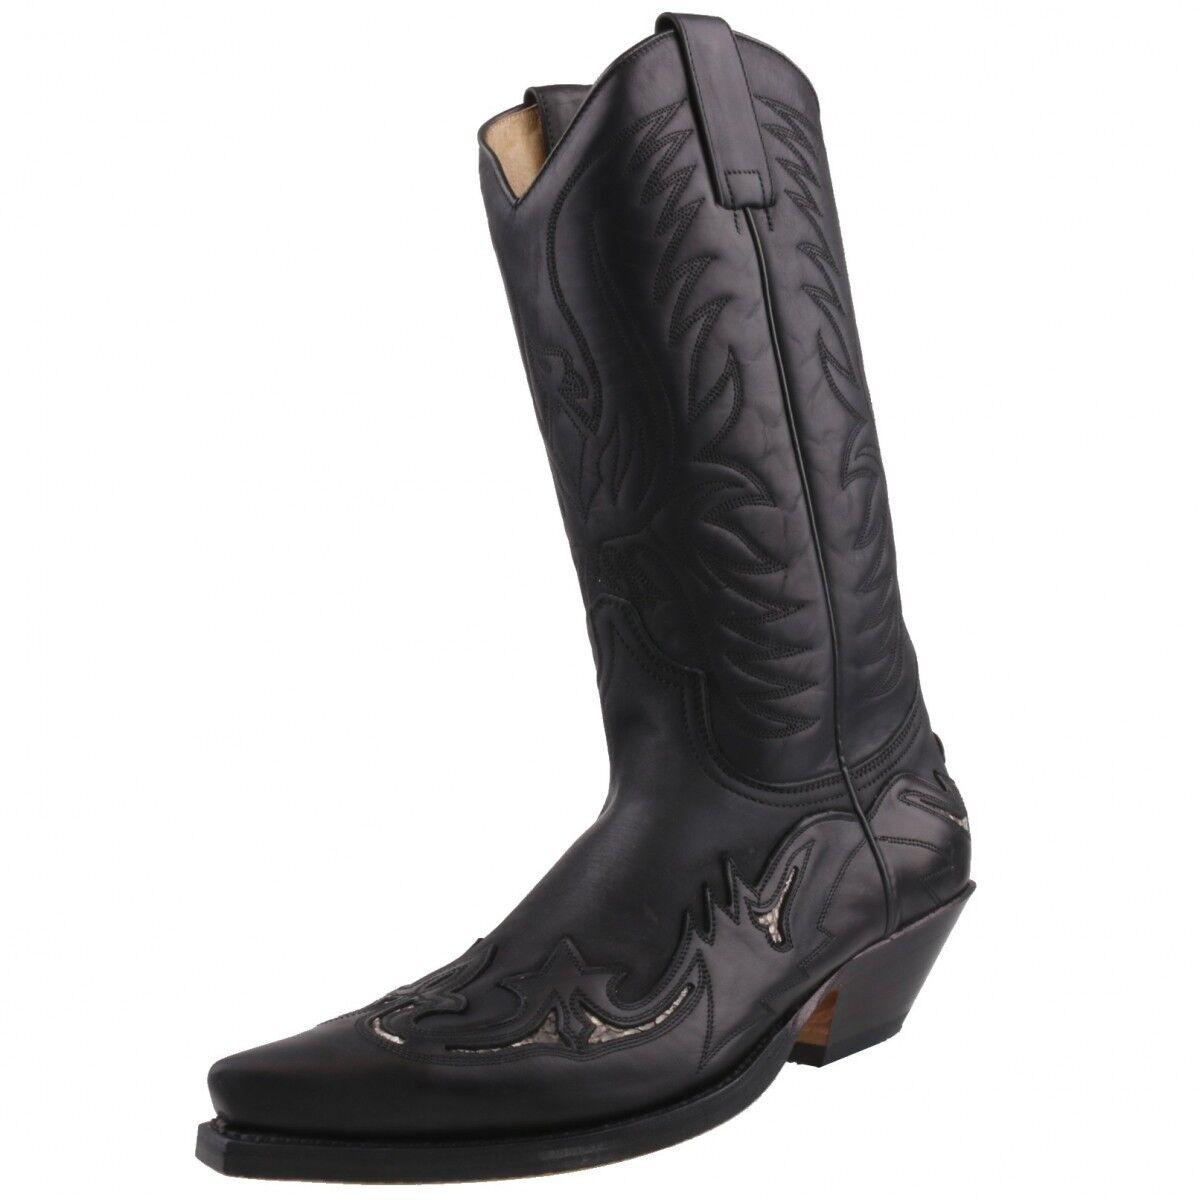 Sendra Sendra Sendra 3242 Unisex botas de vaquero occidental de Cuero Negro Biker hecho a mano  marca en liquidación de venta